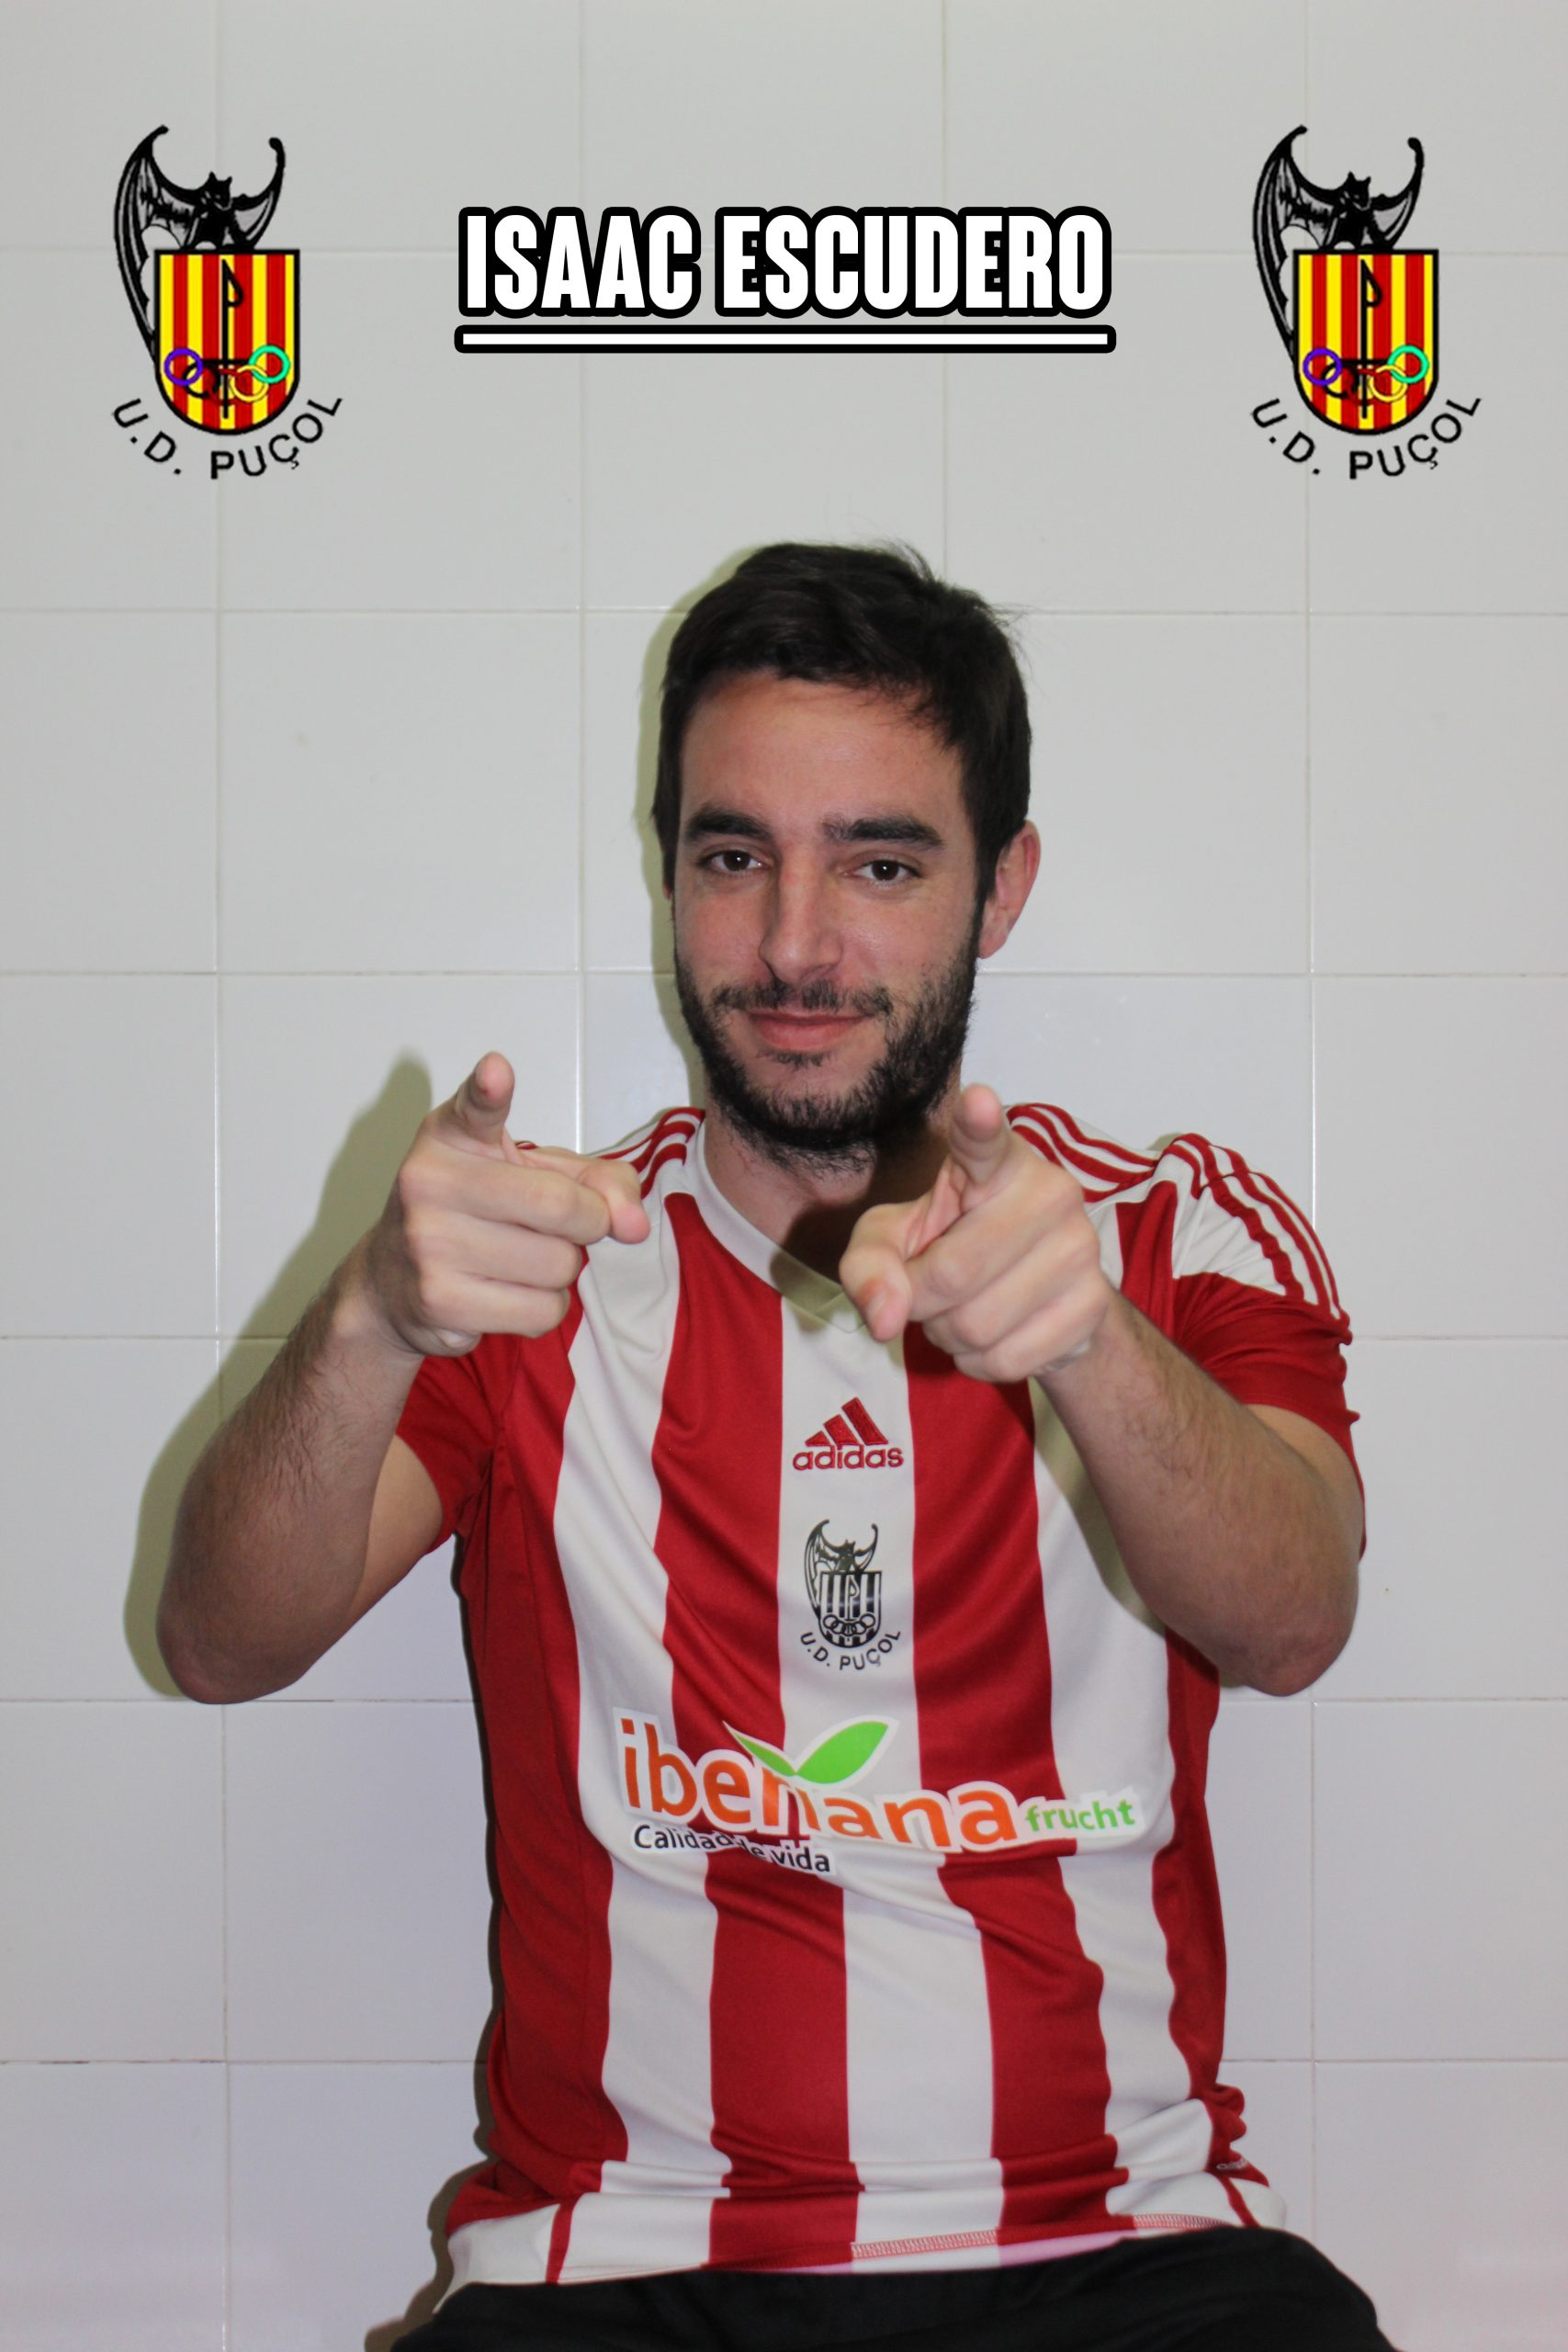 Isaac Escudero